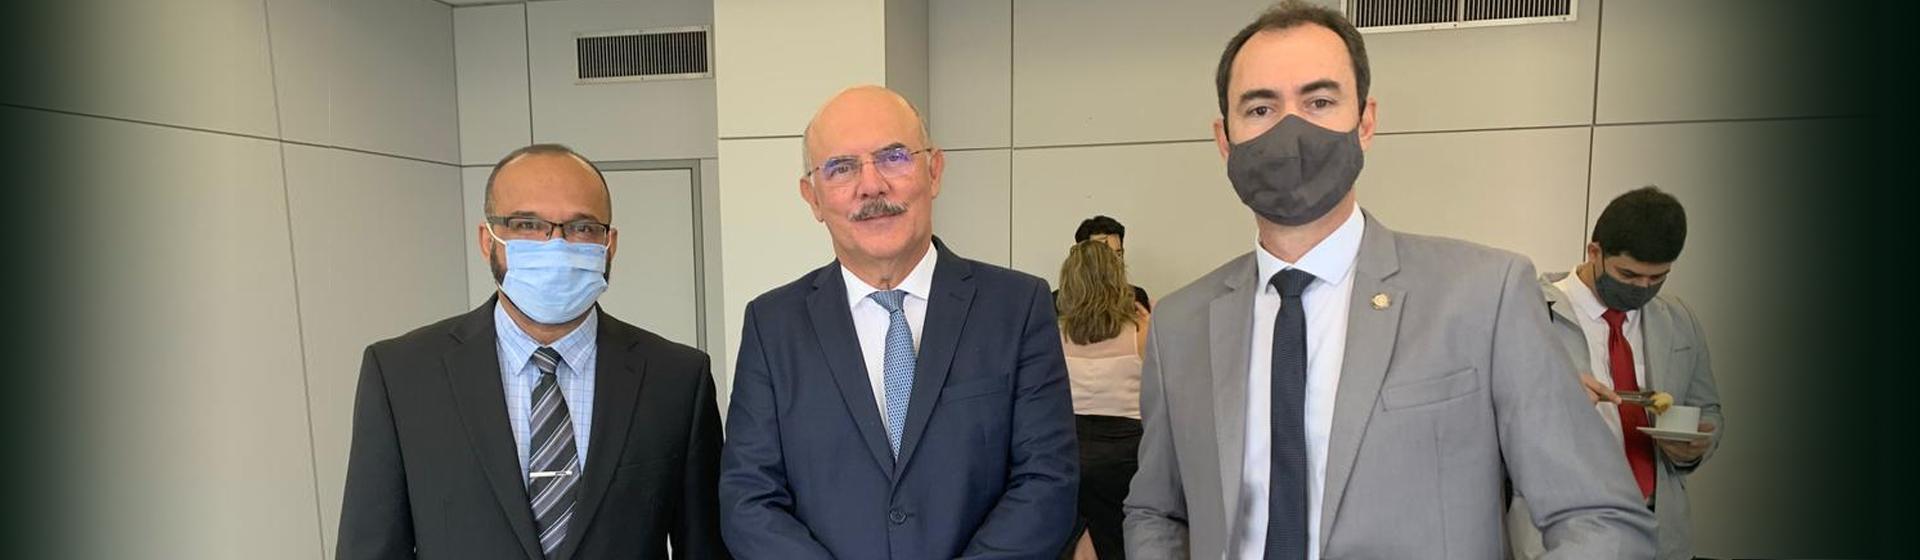 Imagem referente a postagem de título Reitor participa de reuniões em Brasília sobre curso de ...